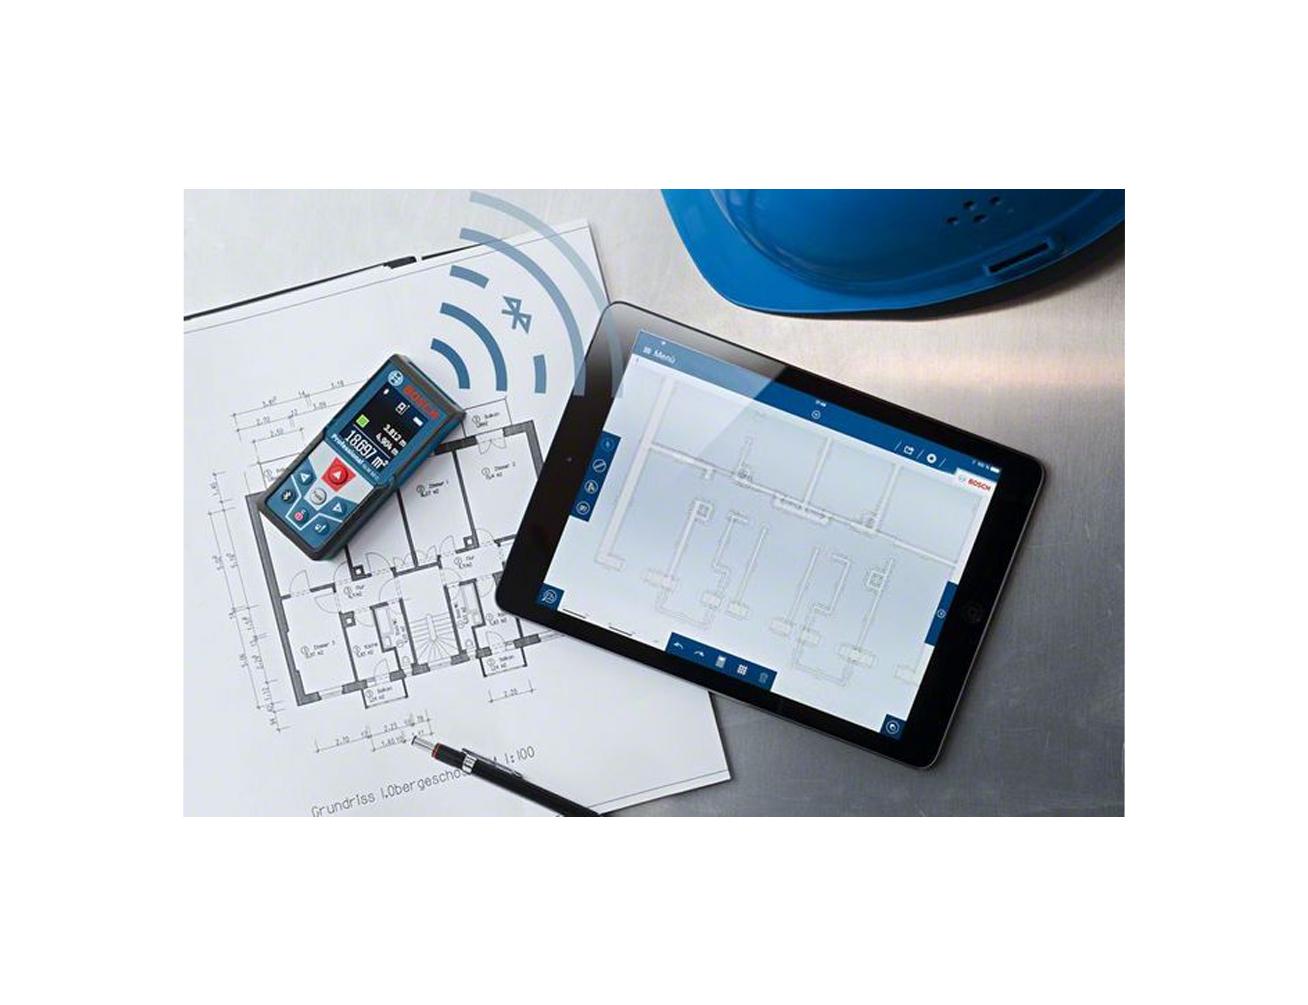 Bosch laserentfernungsmesser glm c connect mit bluetooth